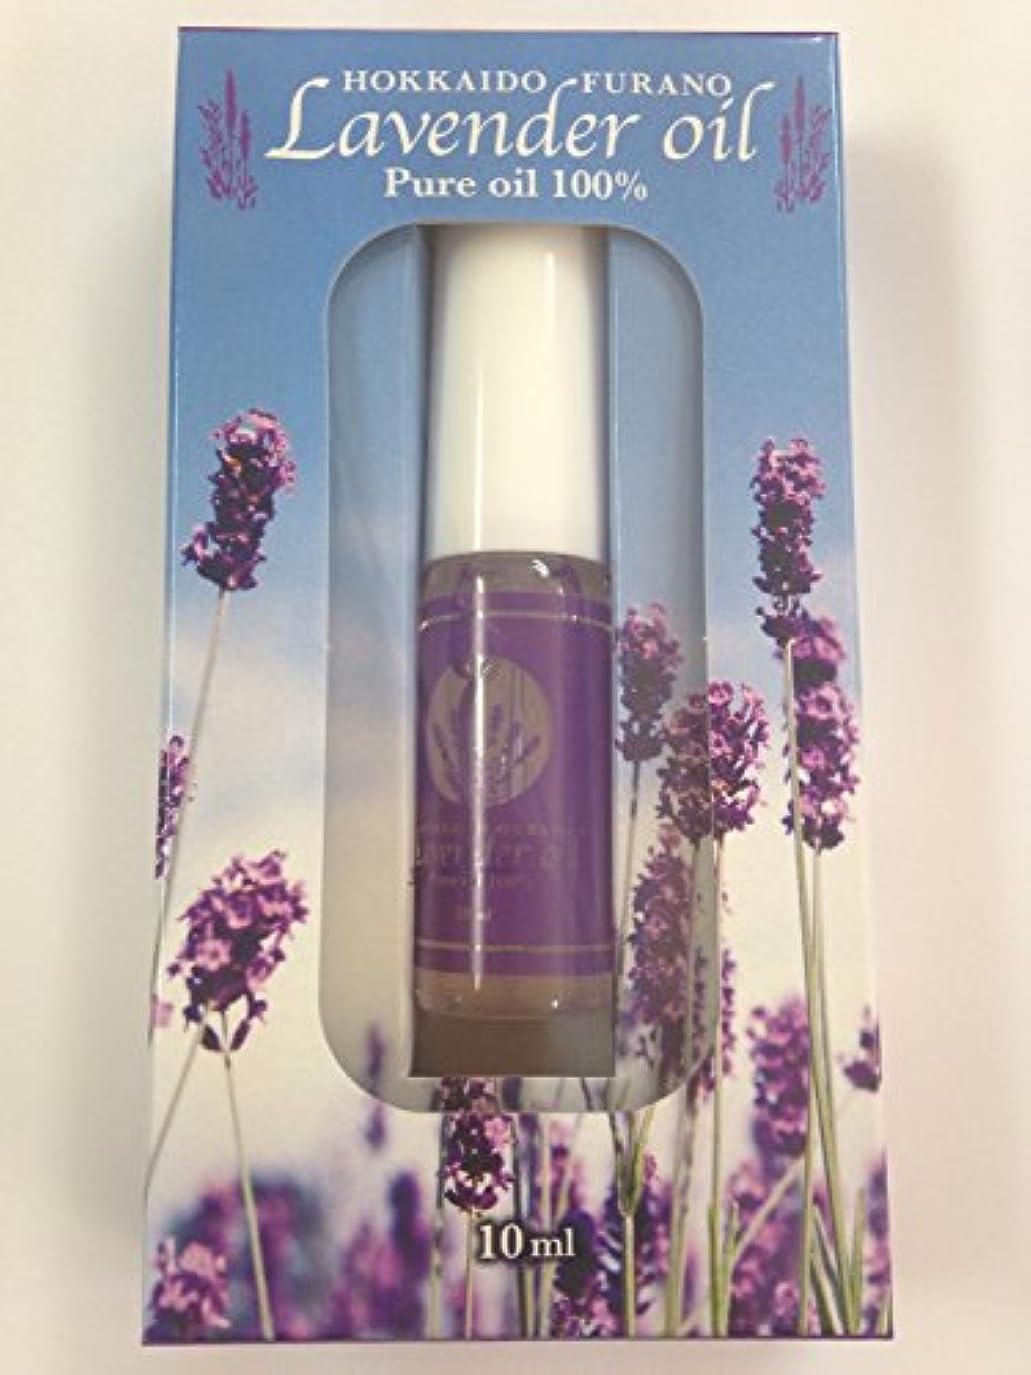 捨てる混乱したノミネート北海道◆ラベンダー天然精油100%?10ml<水蒸気蒸留法>Lavender oil